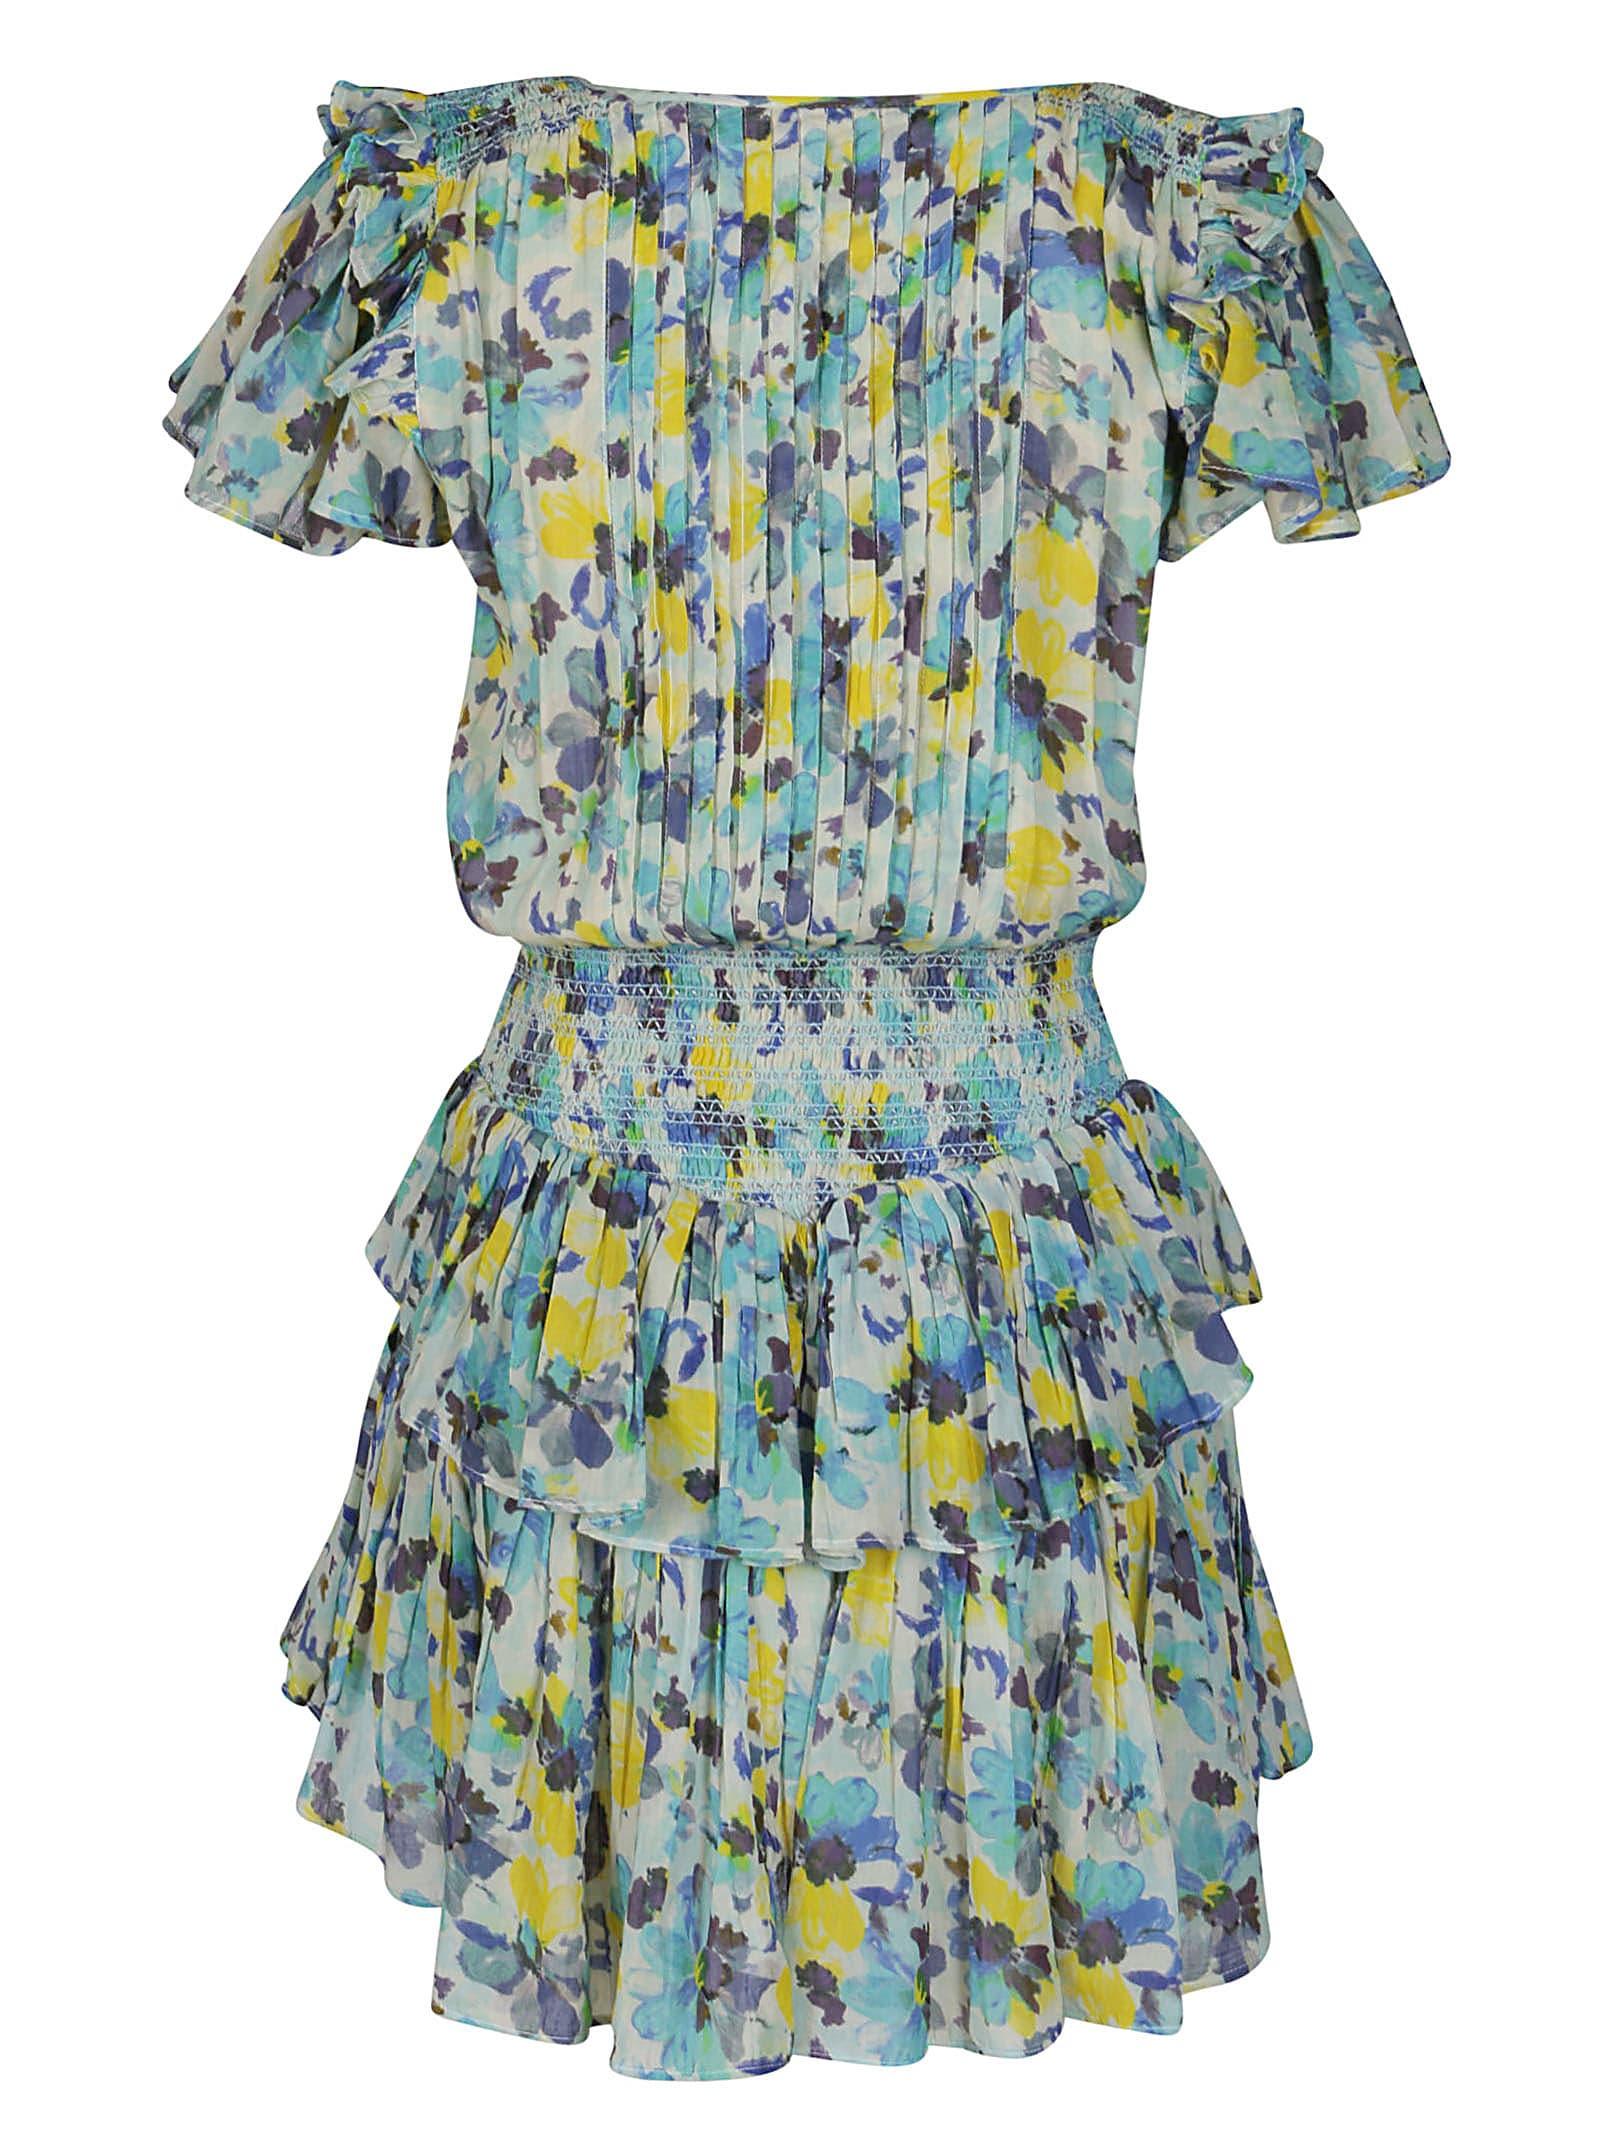 Loveshackfancy Cottons MULTICOLOR COTTON AUDETTE DRESS